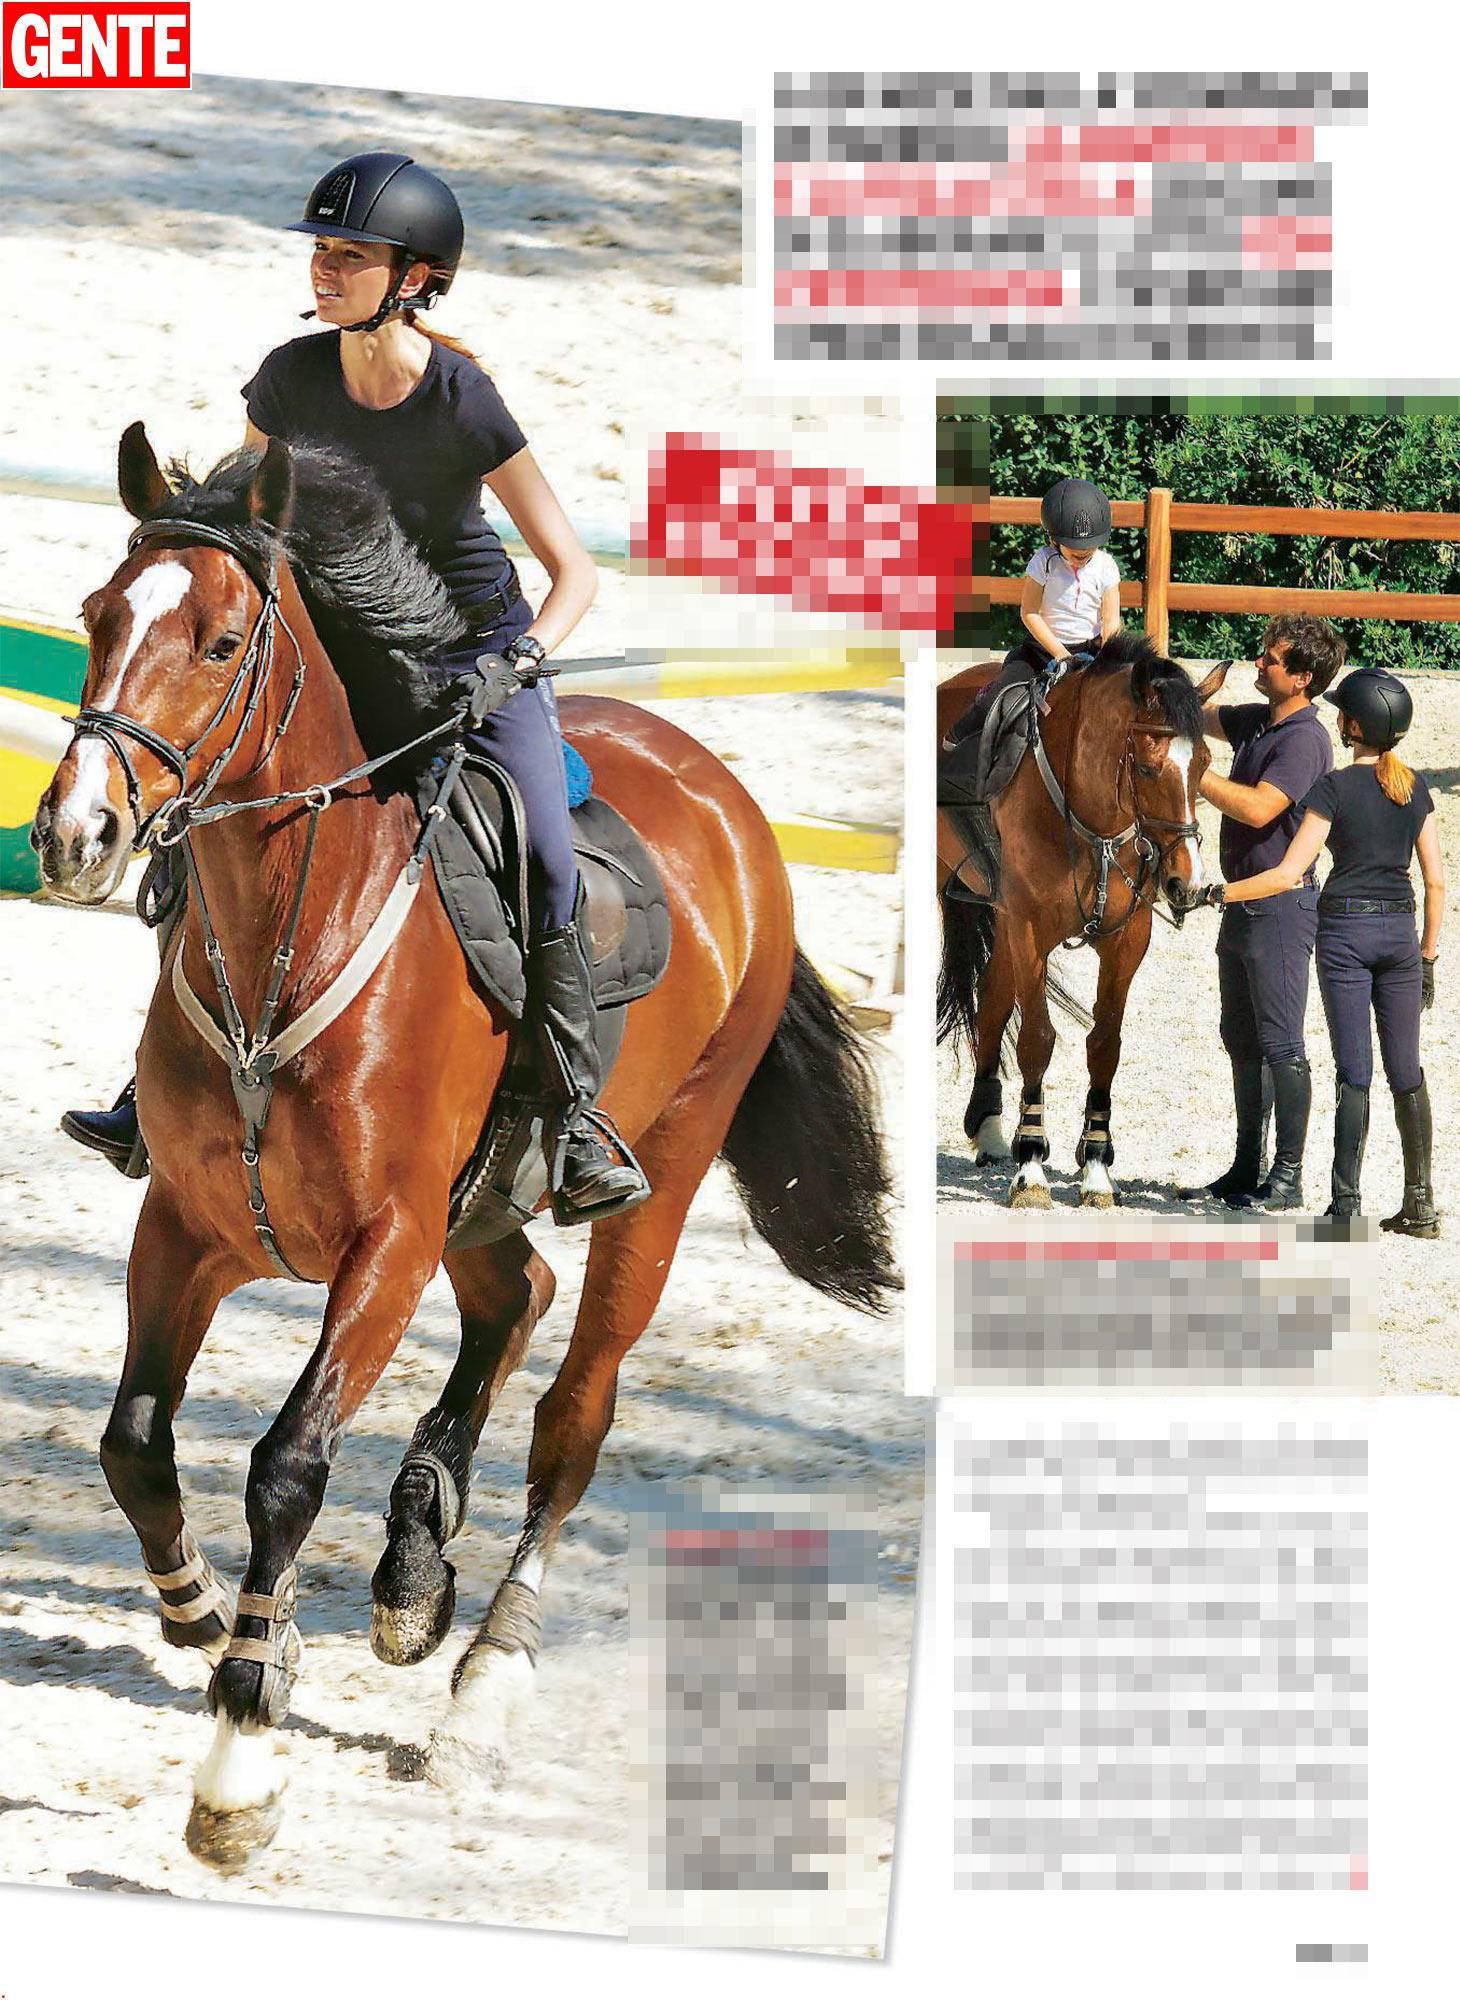 La moglie e la figlia di Fabrizio Frizzi a cavallo: